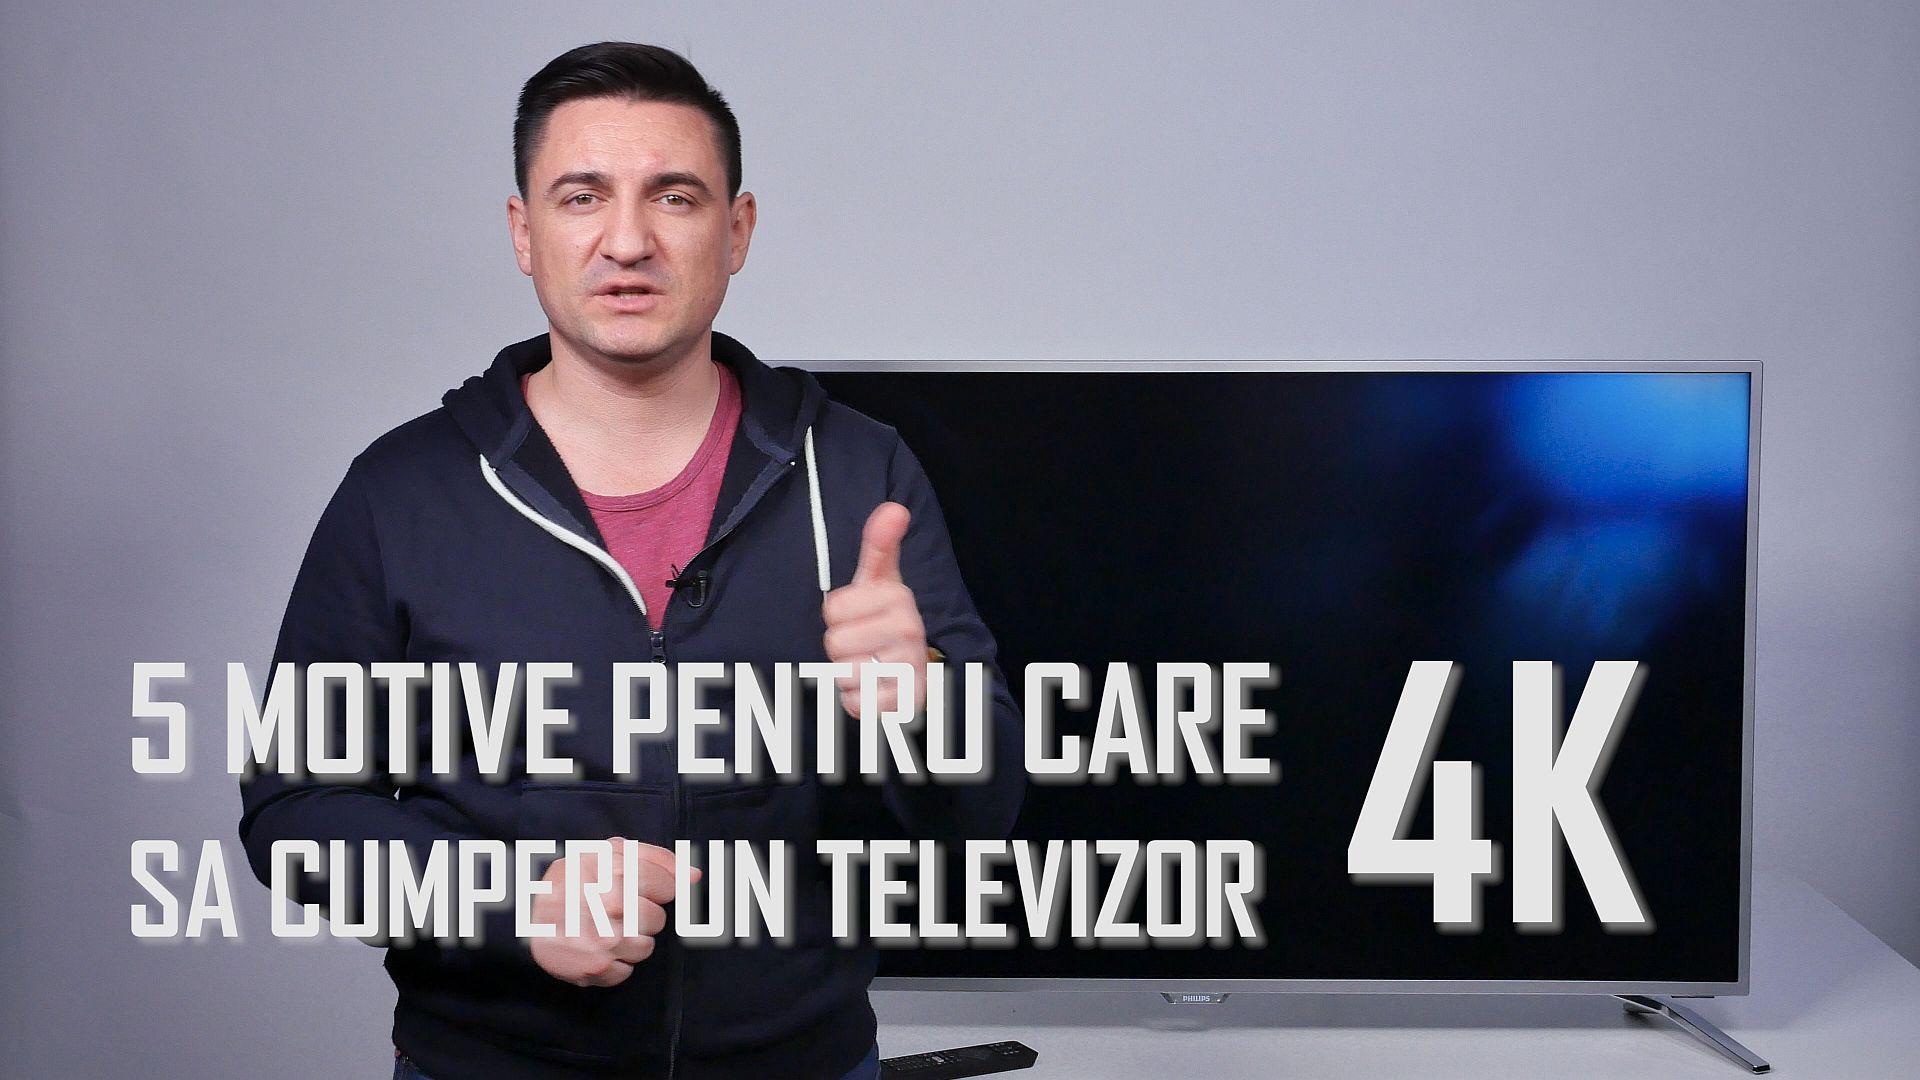 5_motive_pentru-_care_sa_cumperi_un-_televizor_4k